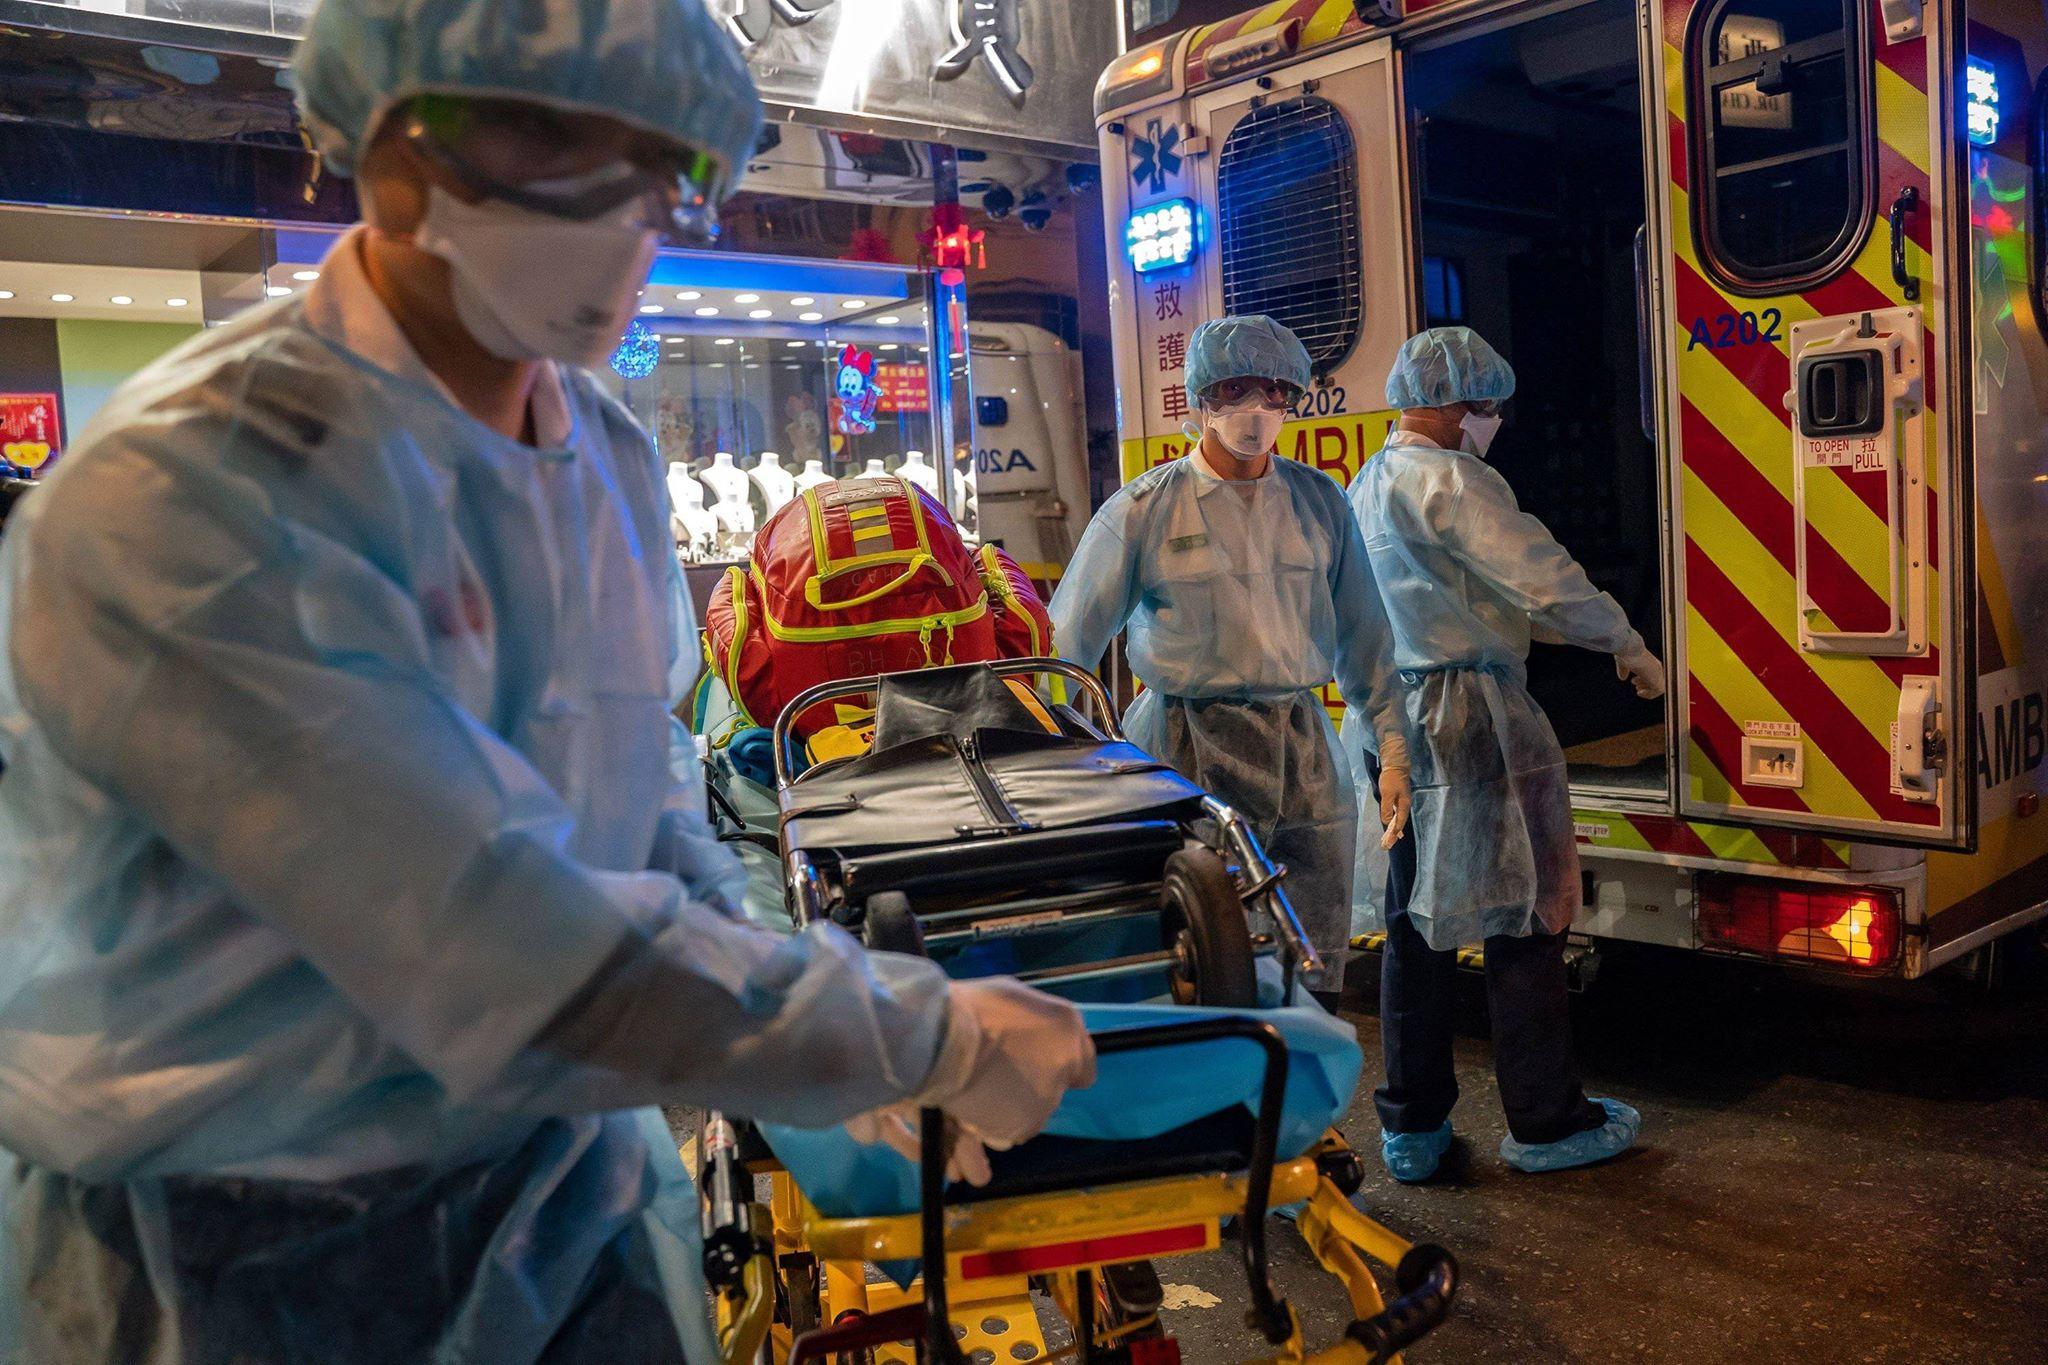 Báo Trung Quốc dẫn tin từ Nhật Bản nghi ngờ Mỹ là nơi bắt nguồn của virus Covid-19